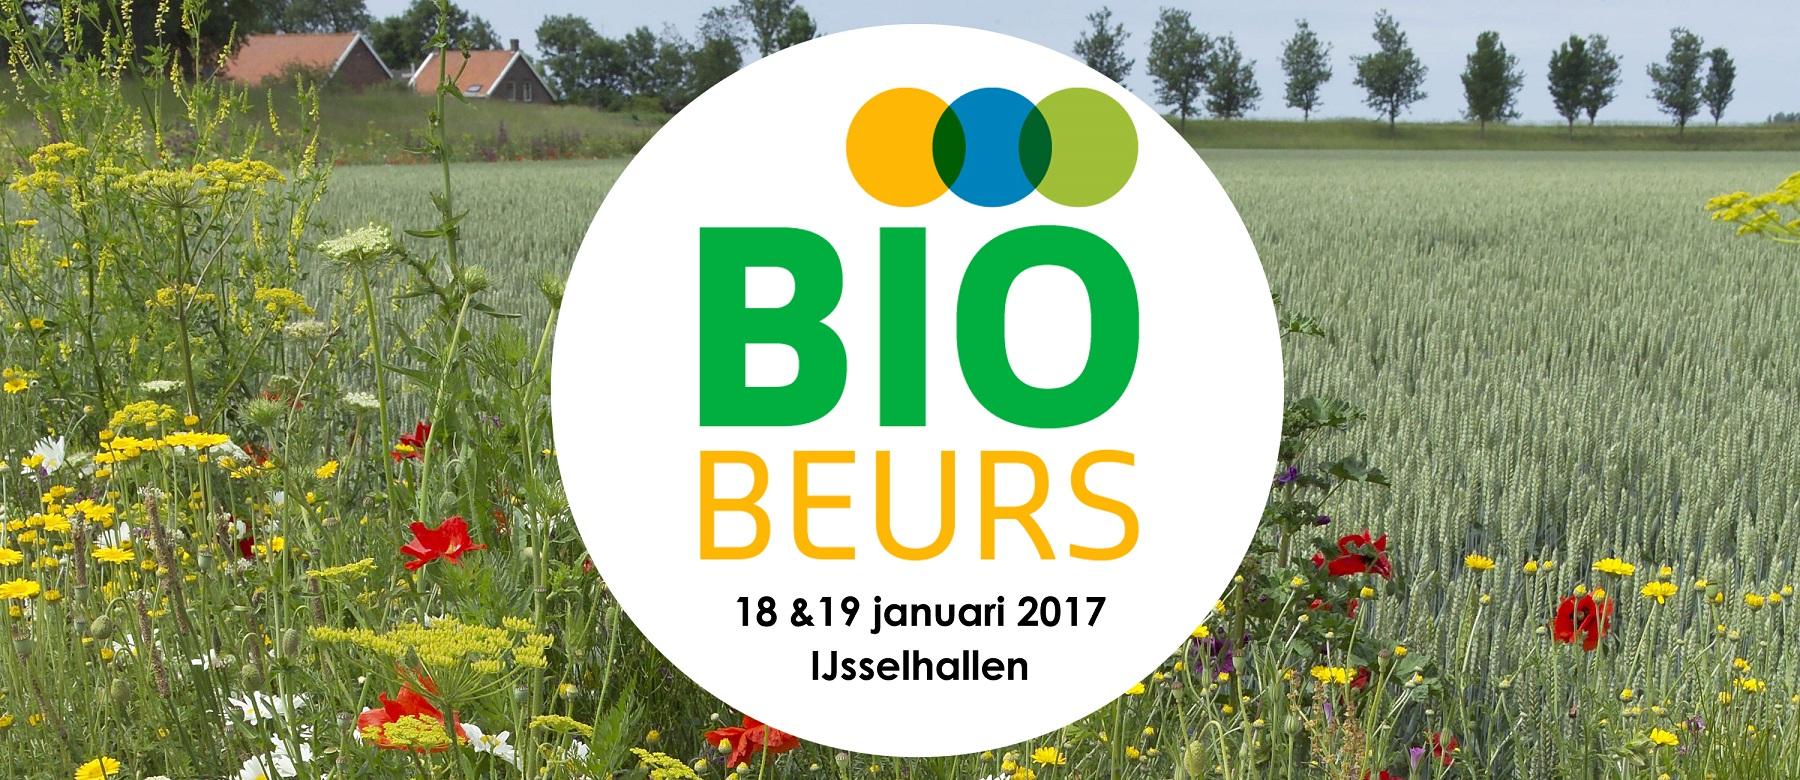 slandsbeste-biobeurs-2017